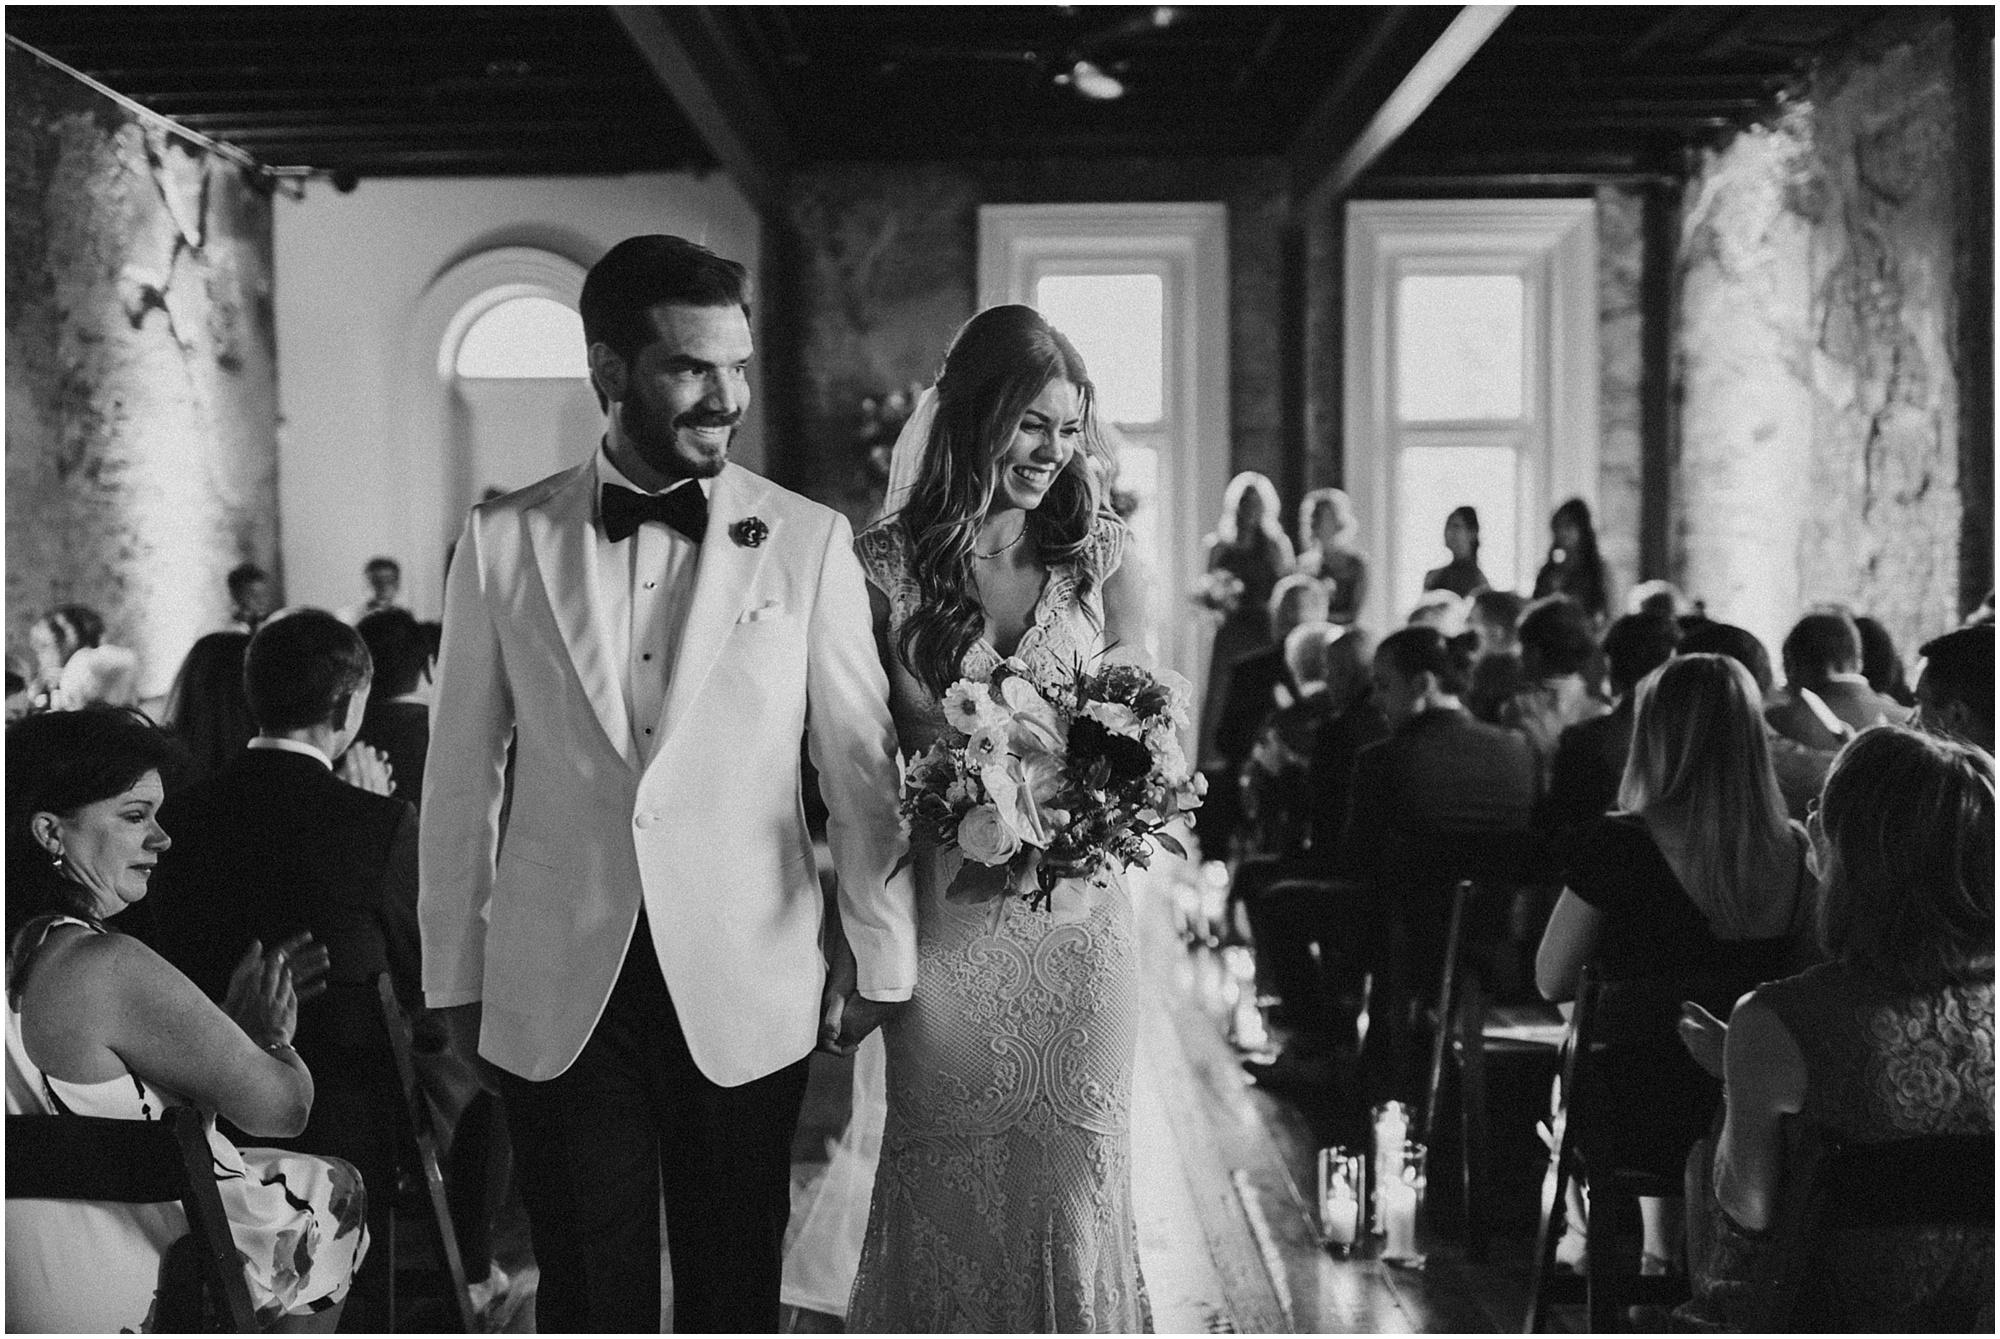 B&W wedding exit